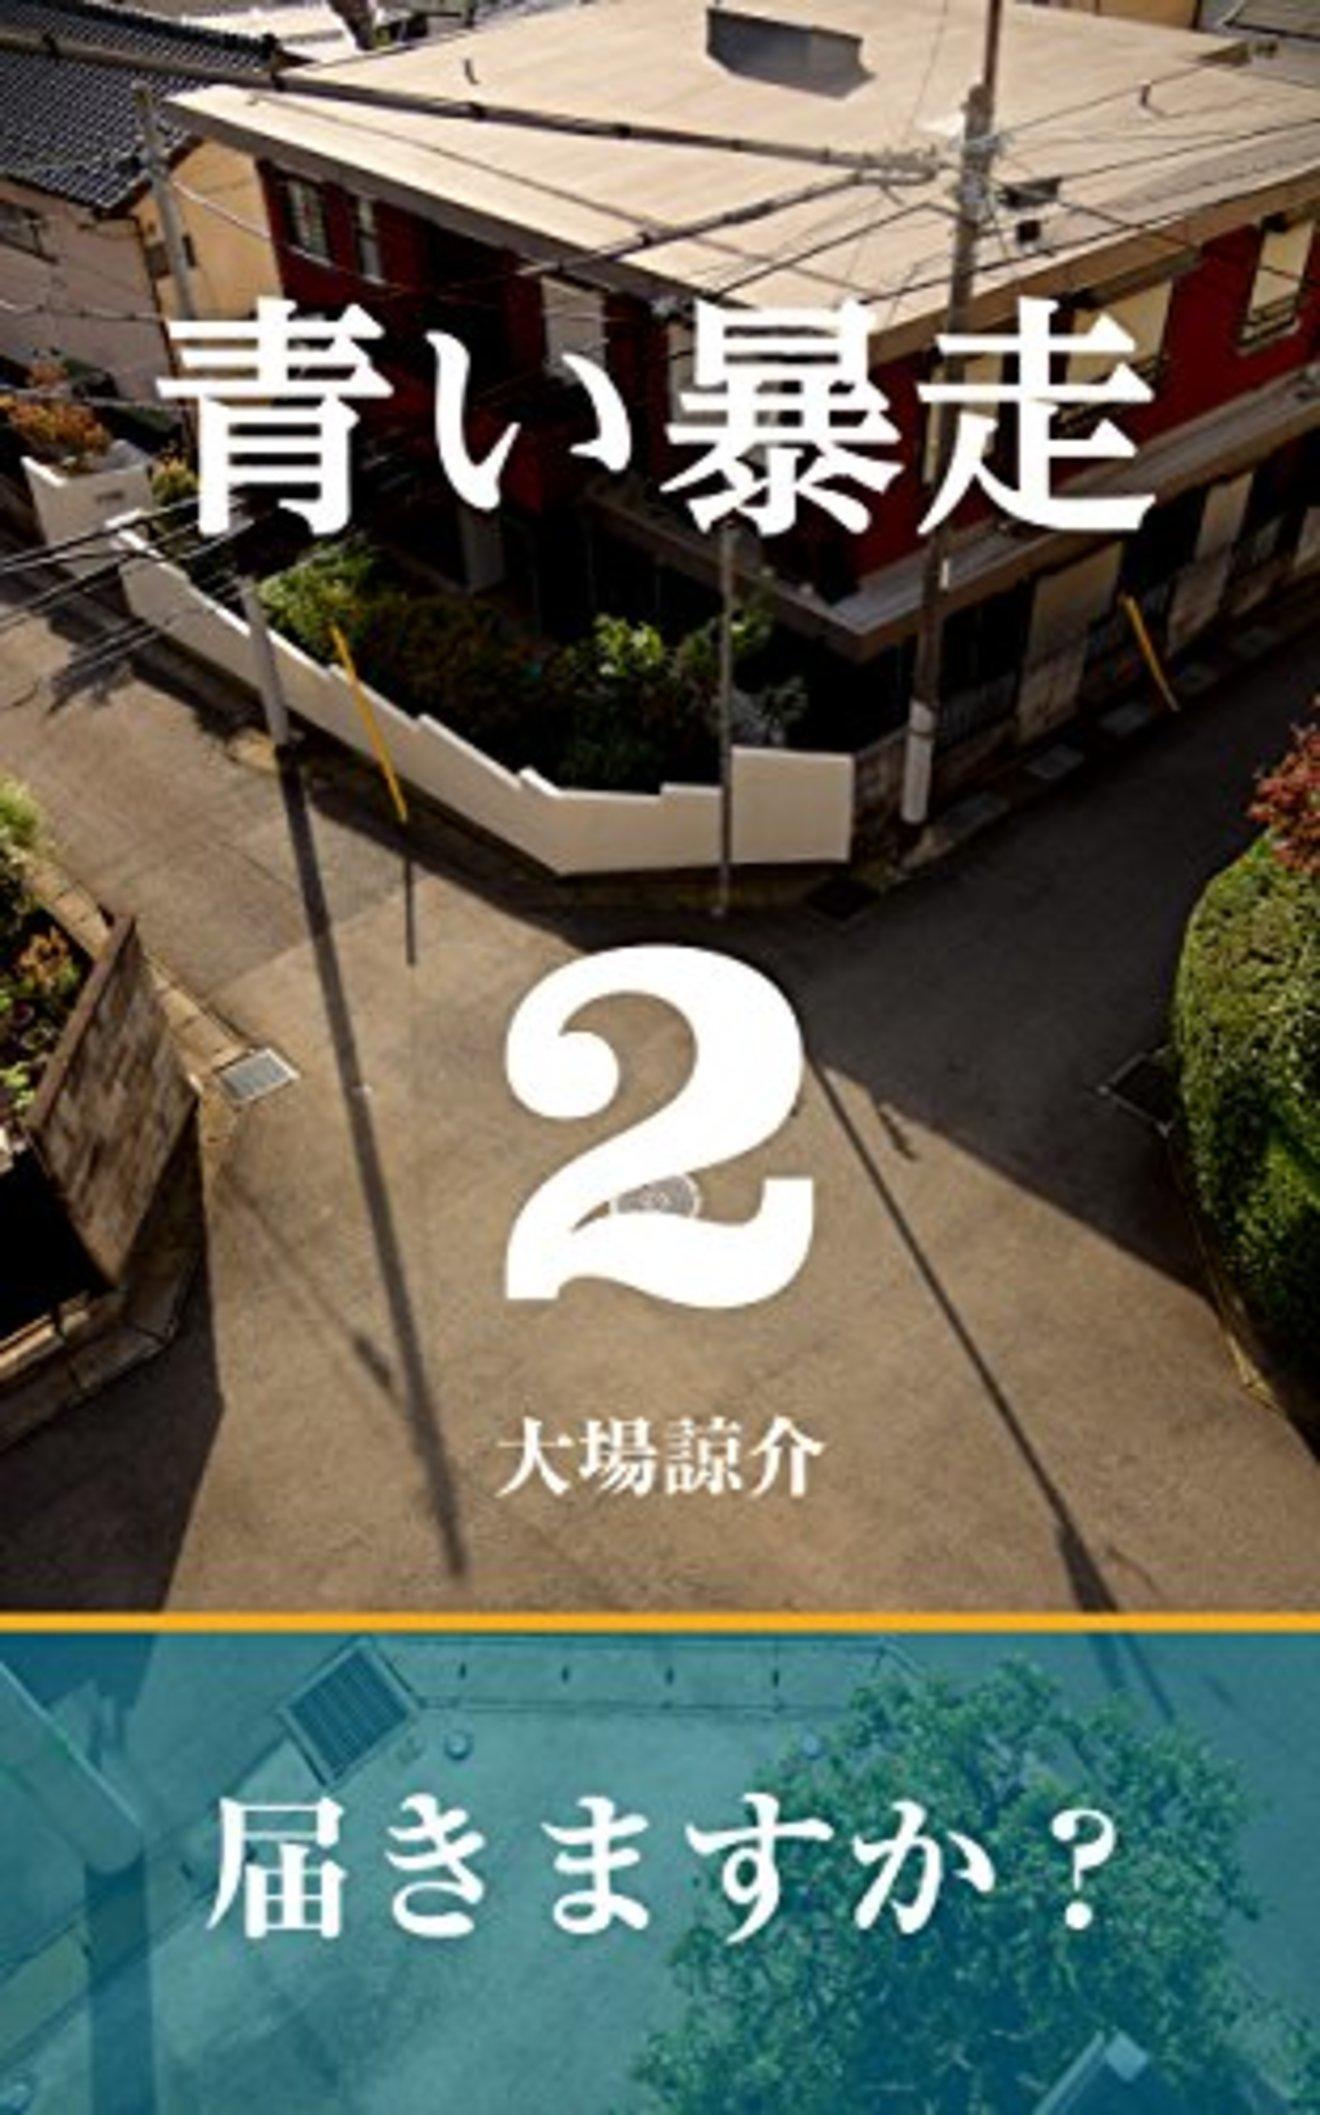 【連載小説】「CROSS ROAD」第4話【毎週土曜更新】